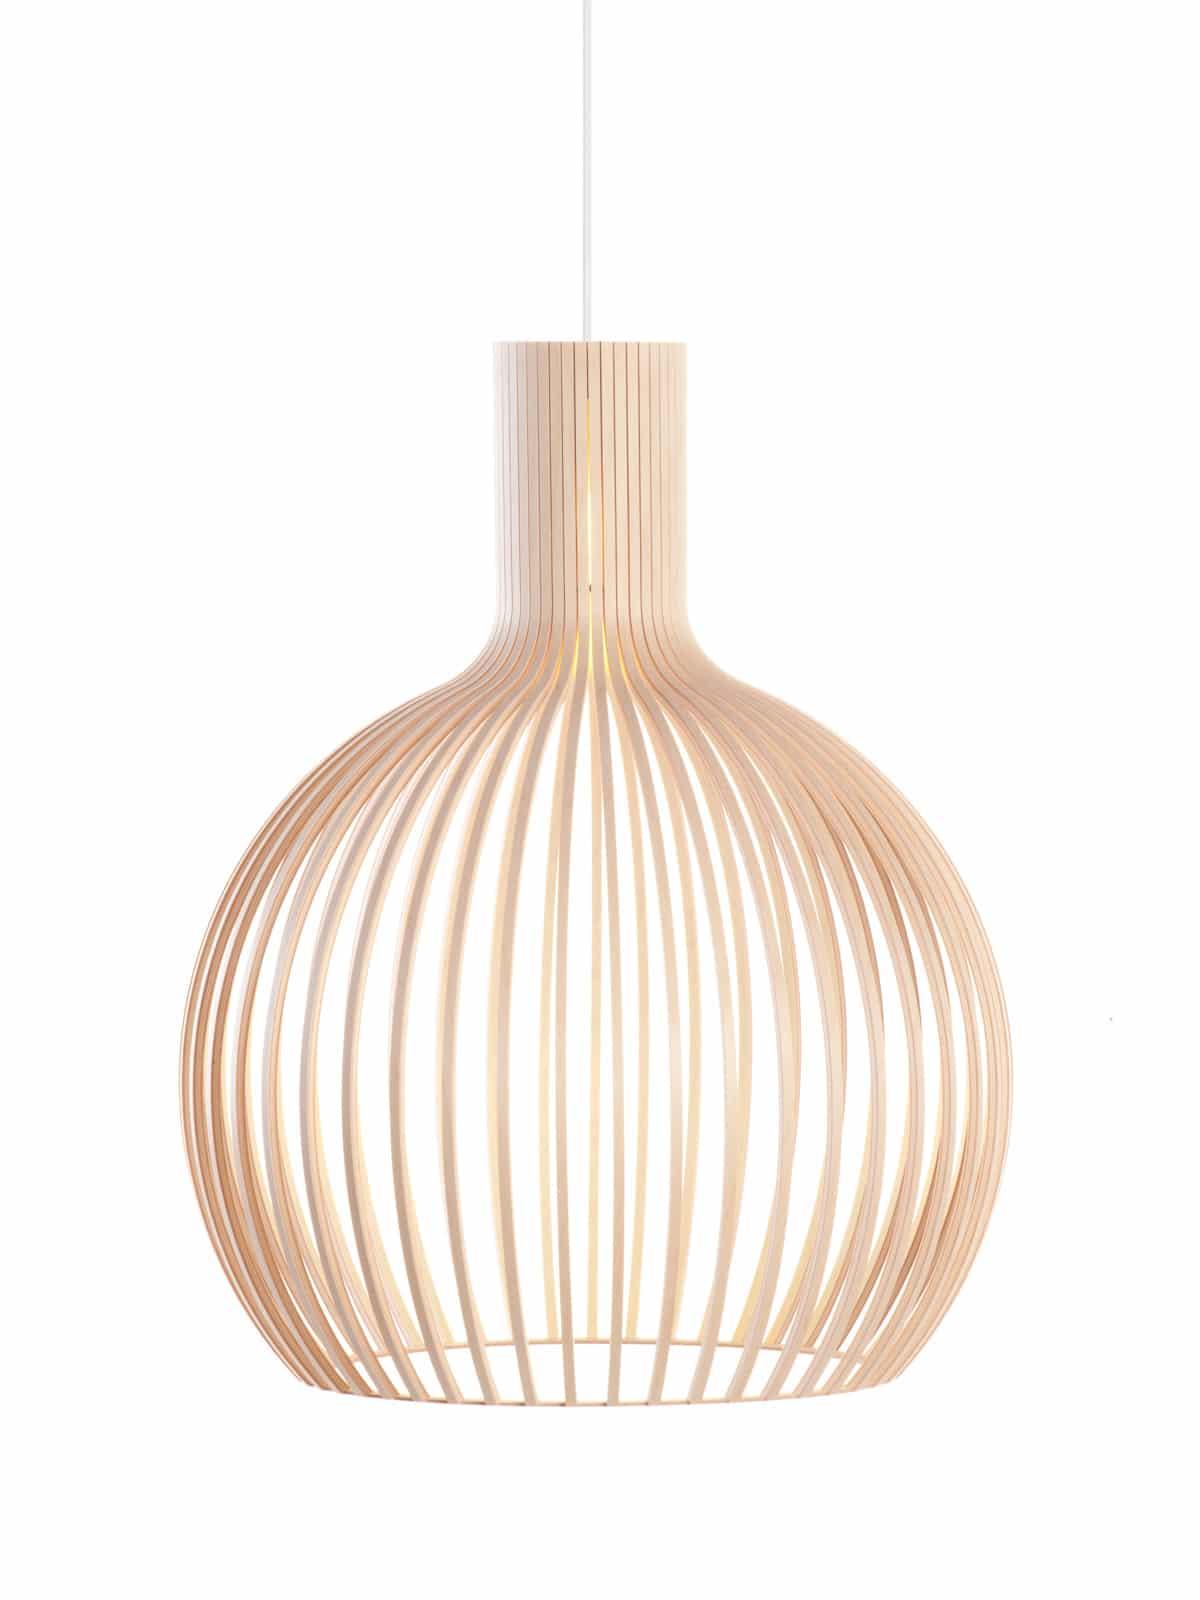 Octo 4241 Secto Design DesignOrt Berlin Lampen Onlineshop